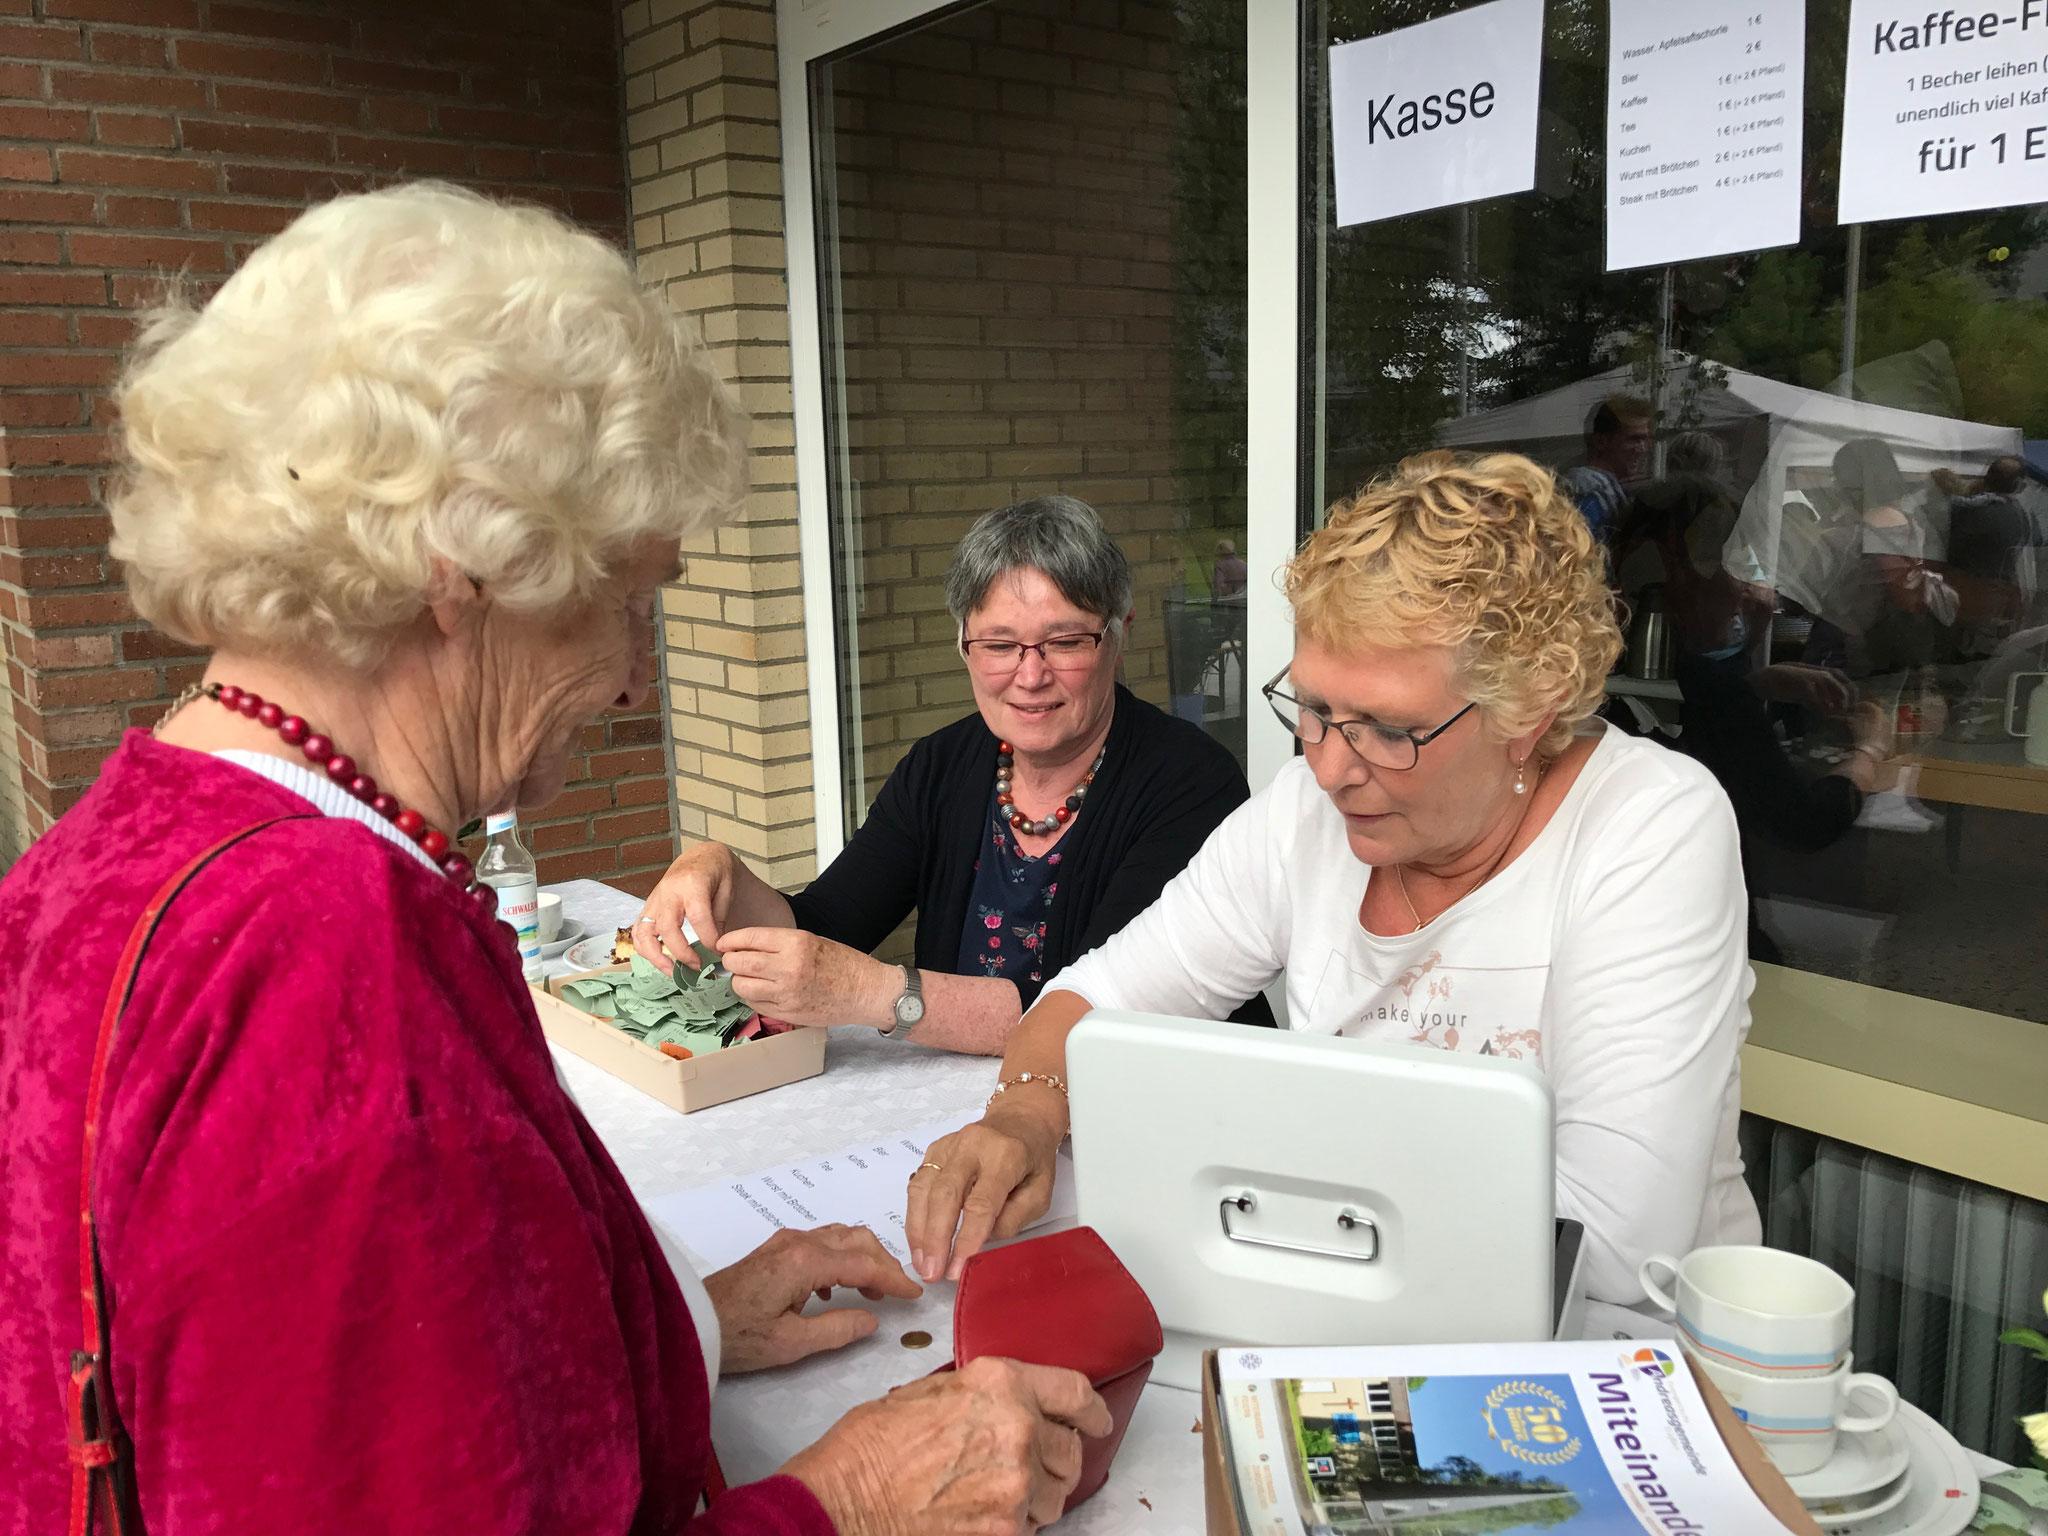 Ökumenischer Märkchenverkauf: Die Gemeindesekretärinnen aus Andreas und St. Thomas Morus // Foto: Gömmer